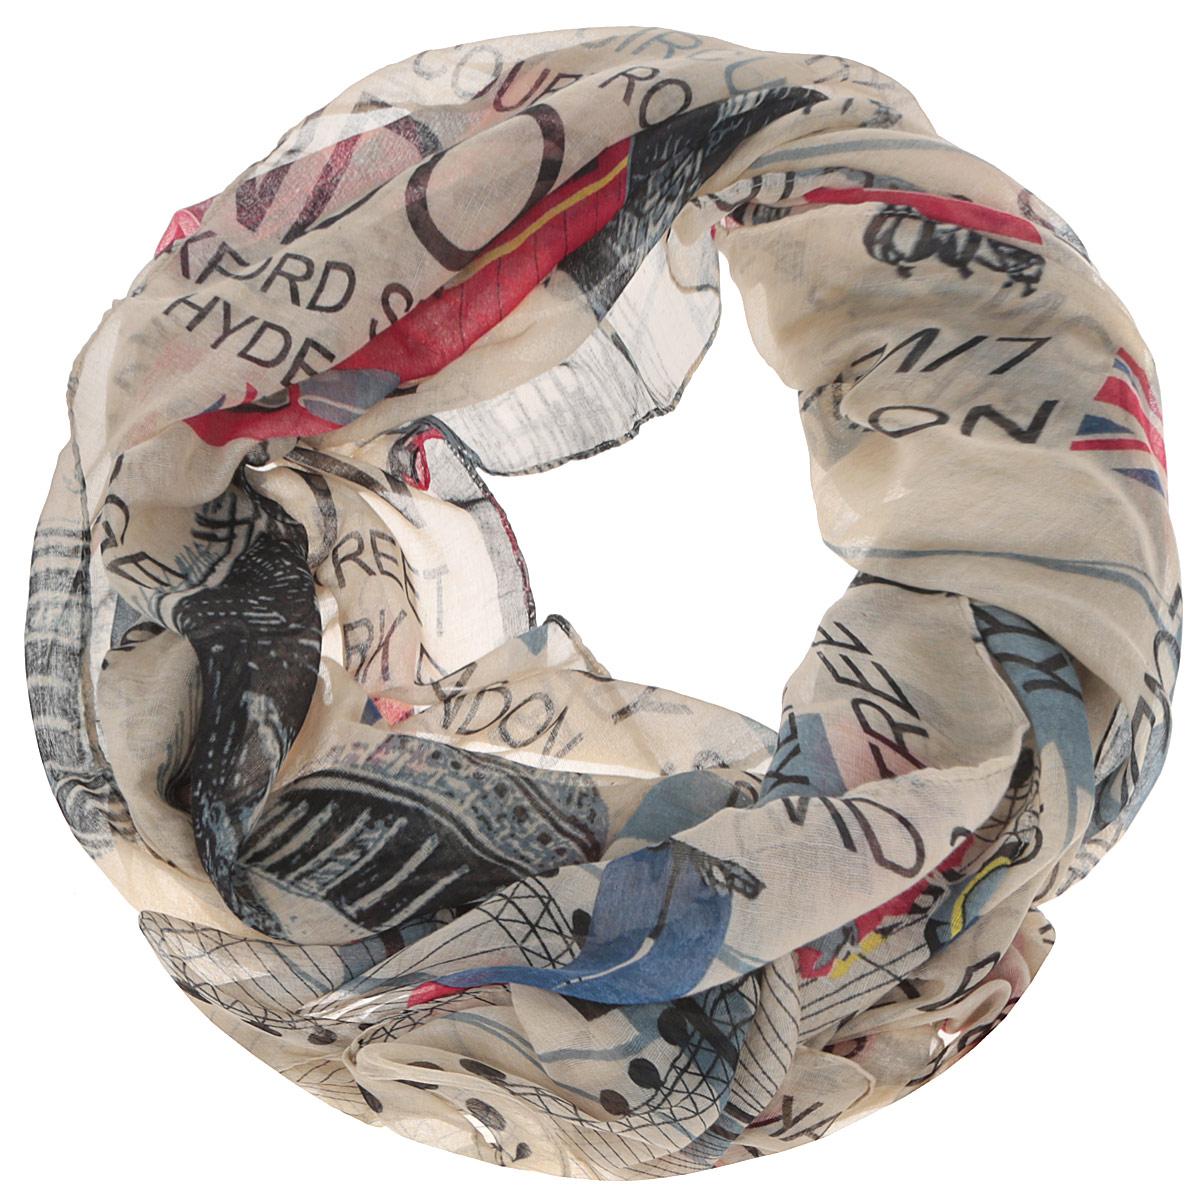 Шарф женский. TUT321TUT321Модный женский шарф Fabretti подарит вам уют и станет стильным аксессуаром, который призван подчеркнуть вашу индивидуальность и женственность. Тонкий шарф выполнен из высококачественной 100% вискозы, он невероятно мягкий и приятный на ощупь. Шарф оформлен принтом с надписями на английском языке и различными достопримечательностями Лондона. Этот модный аксессуар гармонично дополнит образ современной женщины, следящей за своим имиджем и стремящейся всегда оставаться стильной и элегантной. Такой шарф украсит любой наряд и согреет вас в непогоду, с ним вы всегда будете выглядеть изысканно и оригинально.